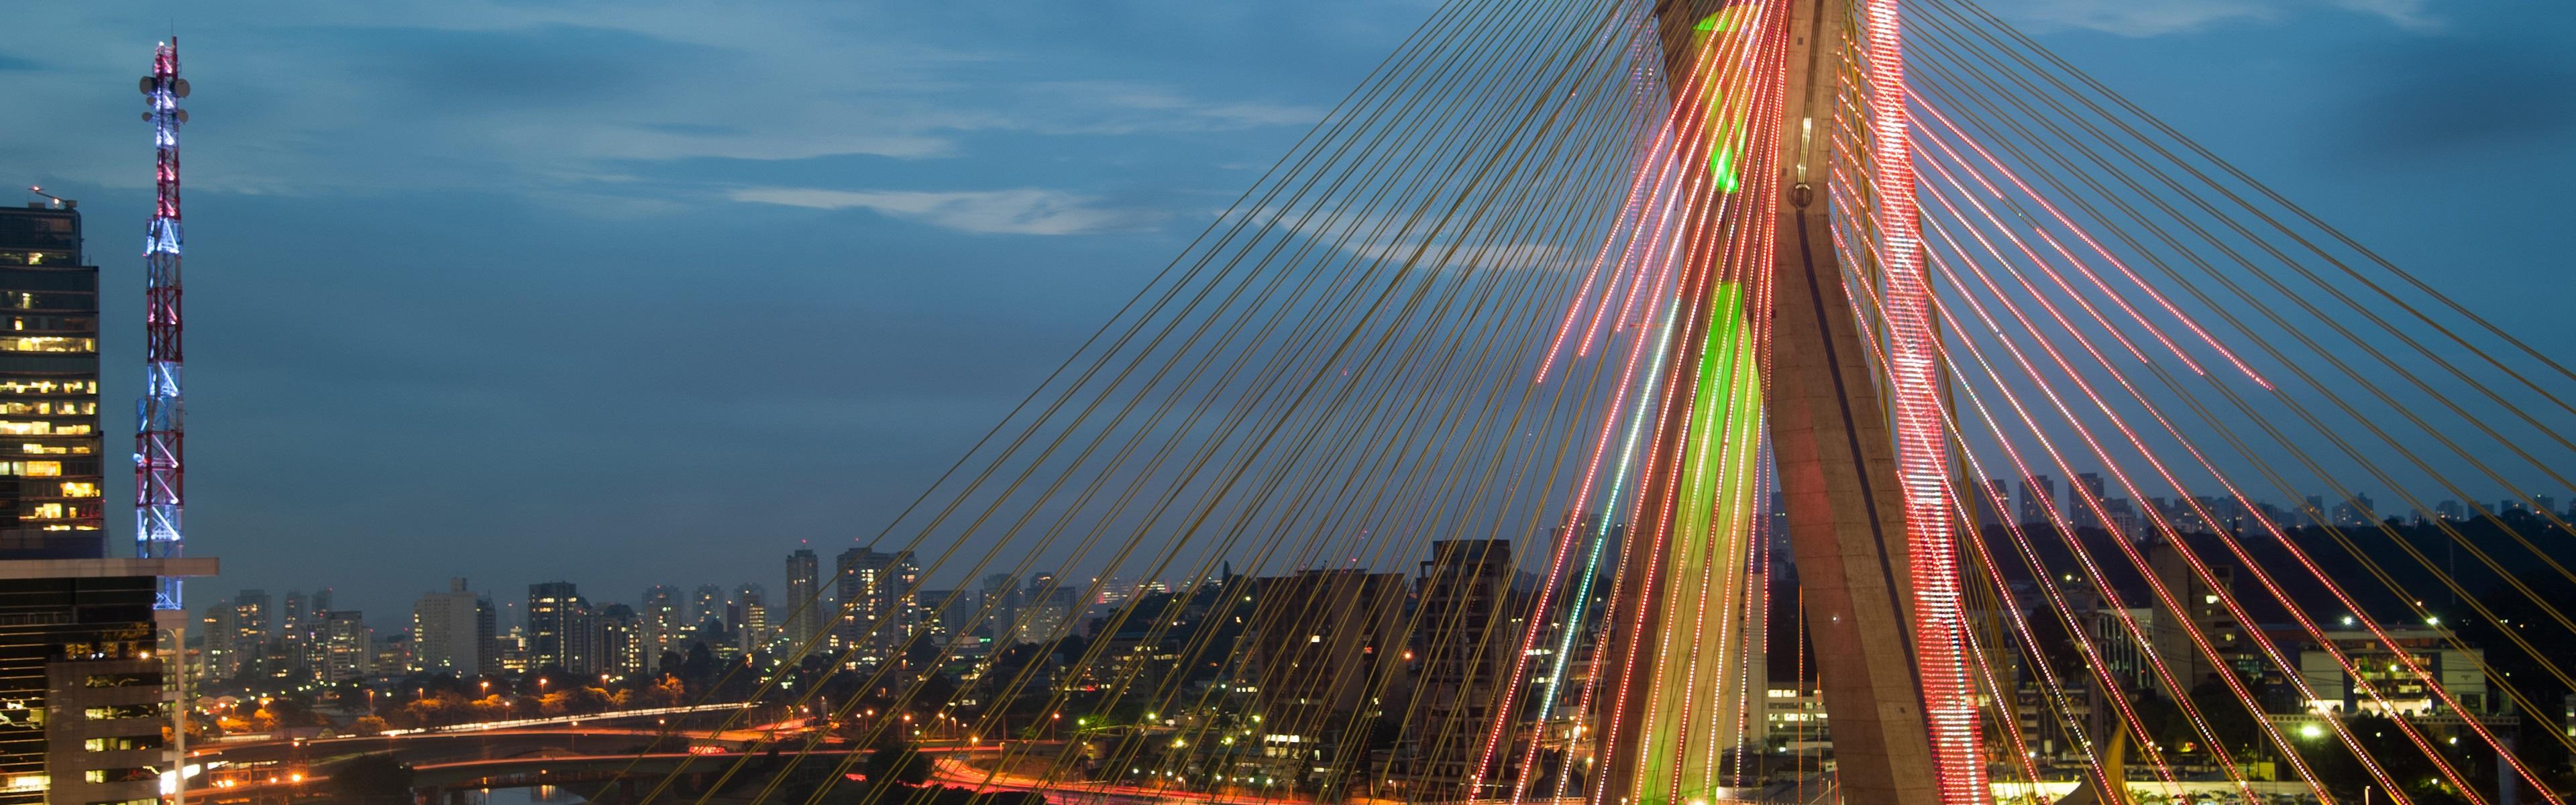 Обои sao paulo, мосты, Бразилия. Города foto 9